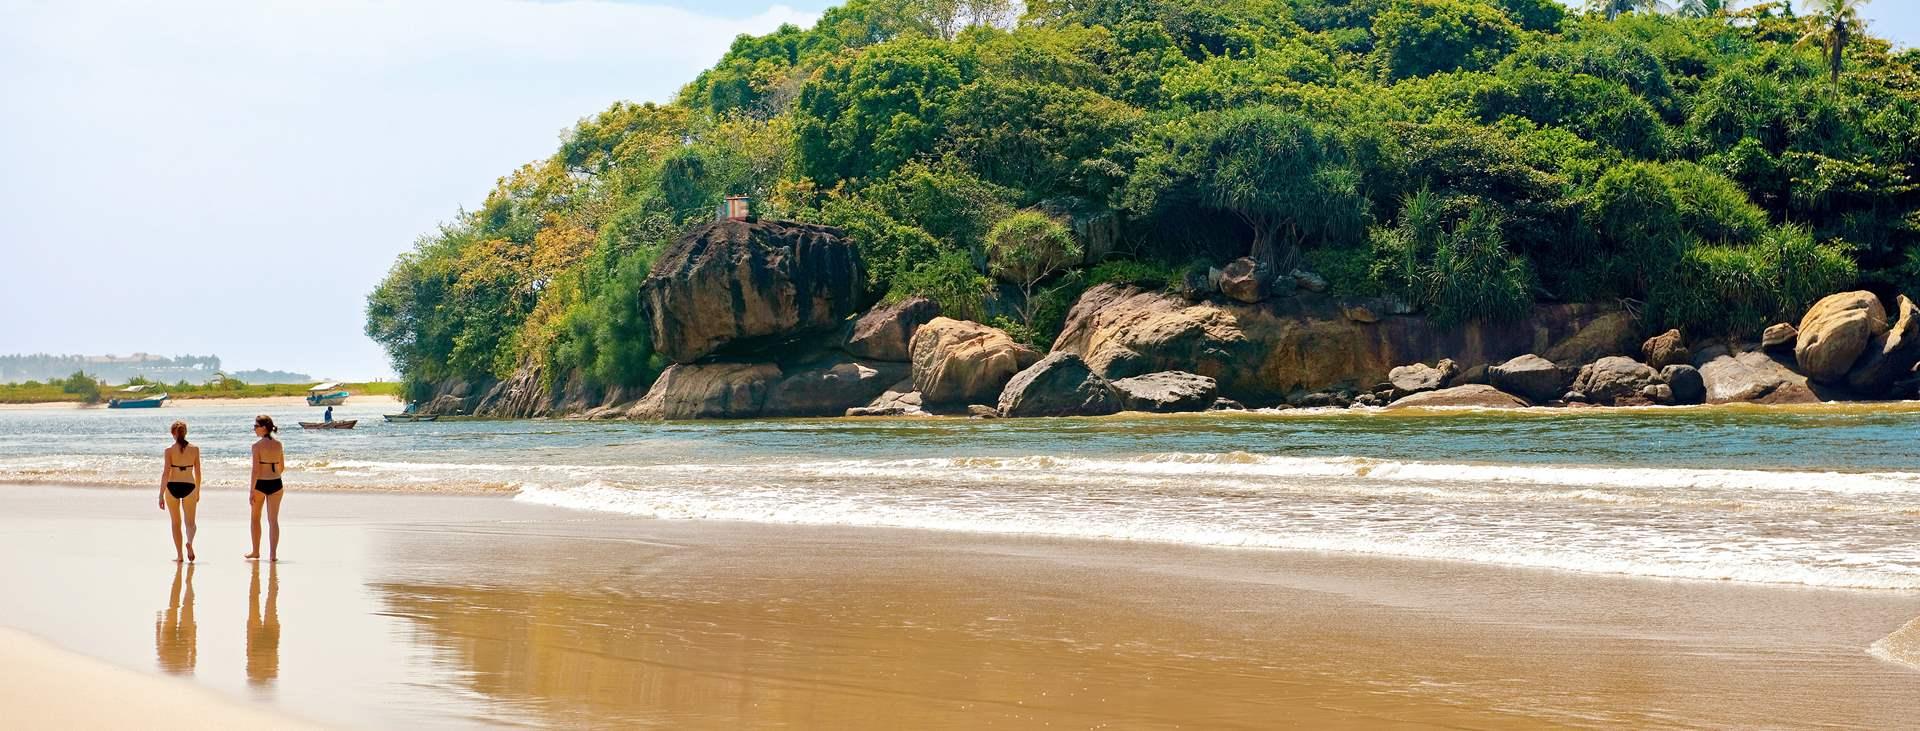 Matkat Beruwalaan, vehreään Sri Lankaan